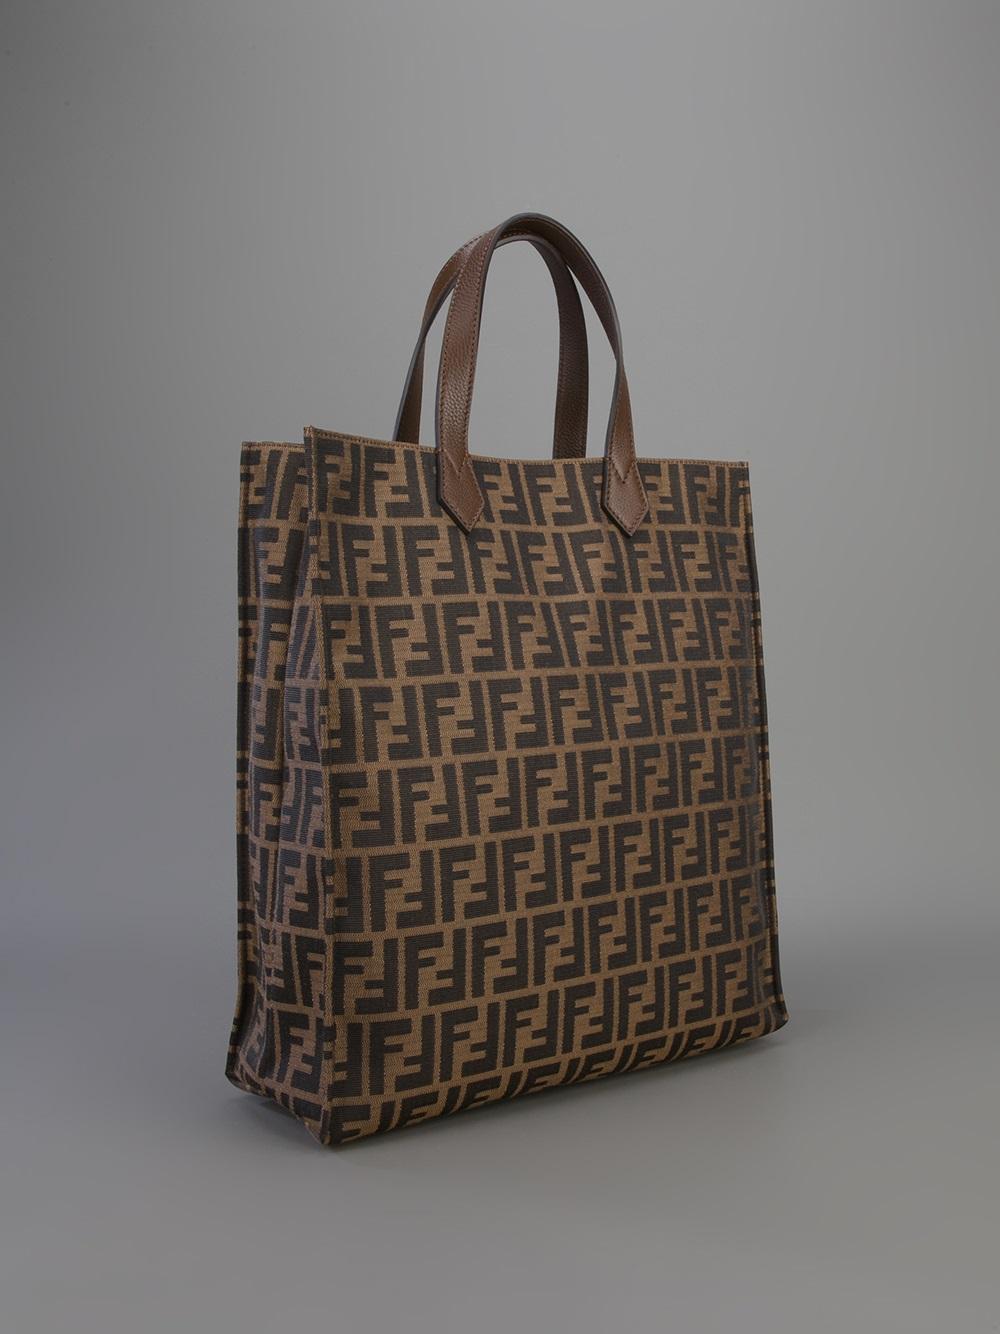 Lyst - Fendi  Zucca  Shopper Tote in Brown e90f8180d0d48